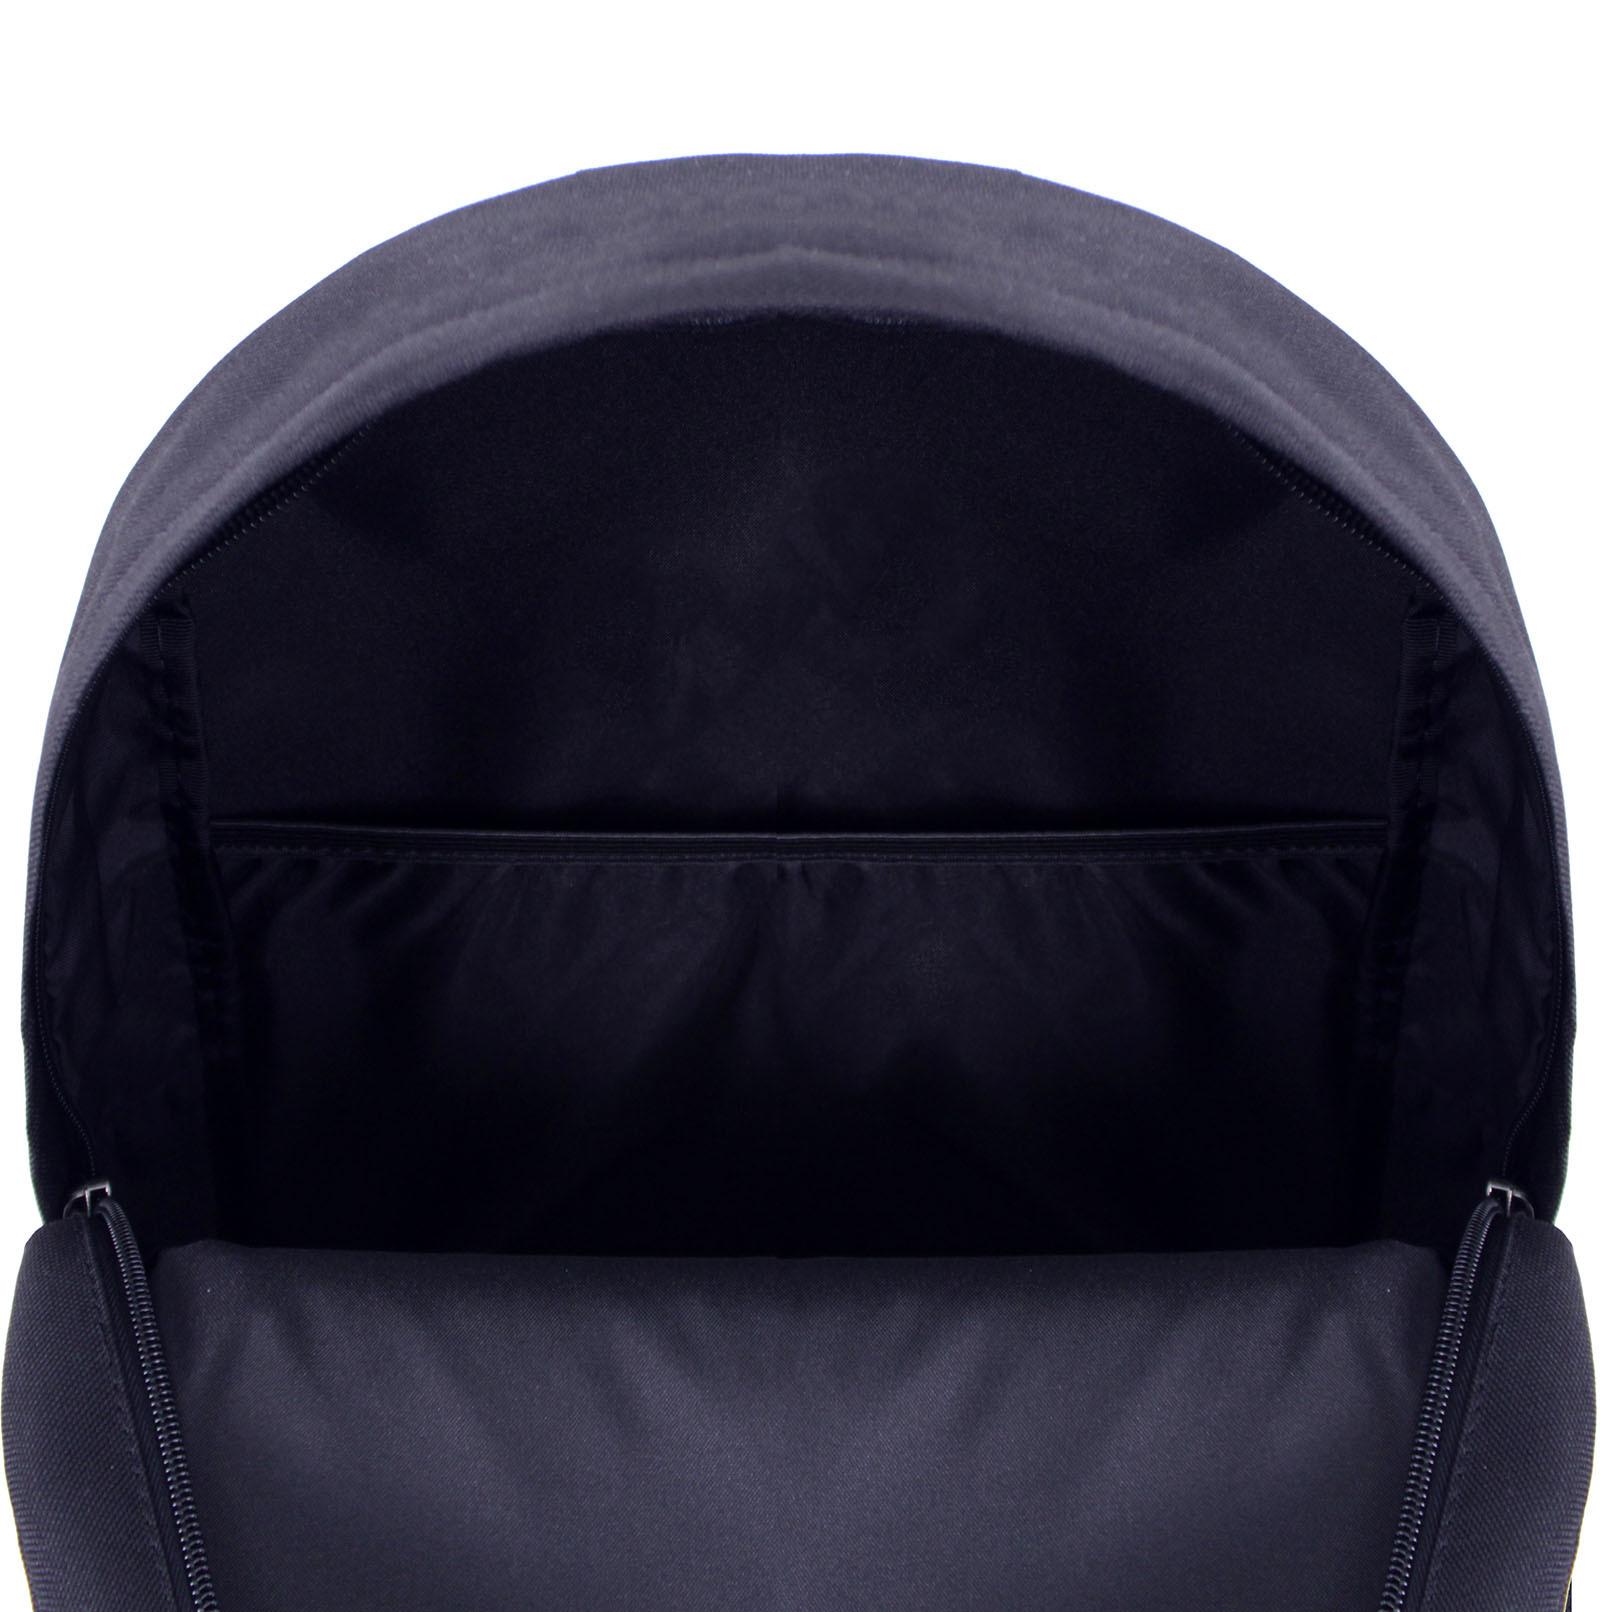 Рюкзак Bagland Молодежный W/R 17 л. черный/камуфляж (00533662) фото 5